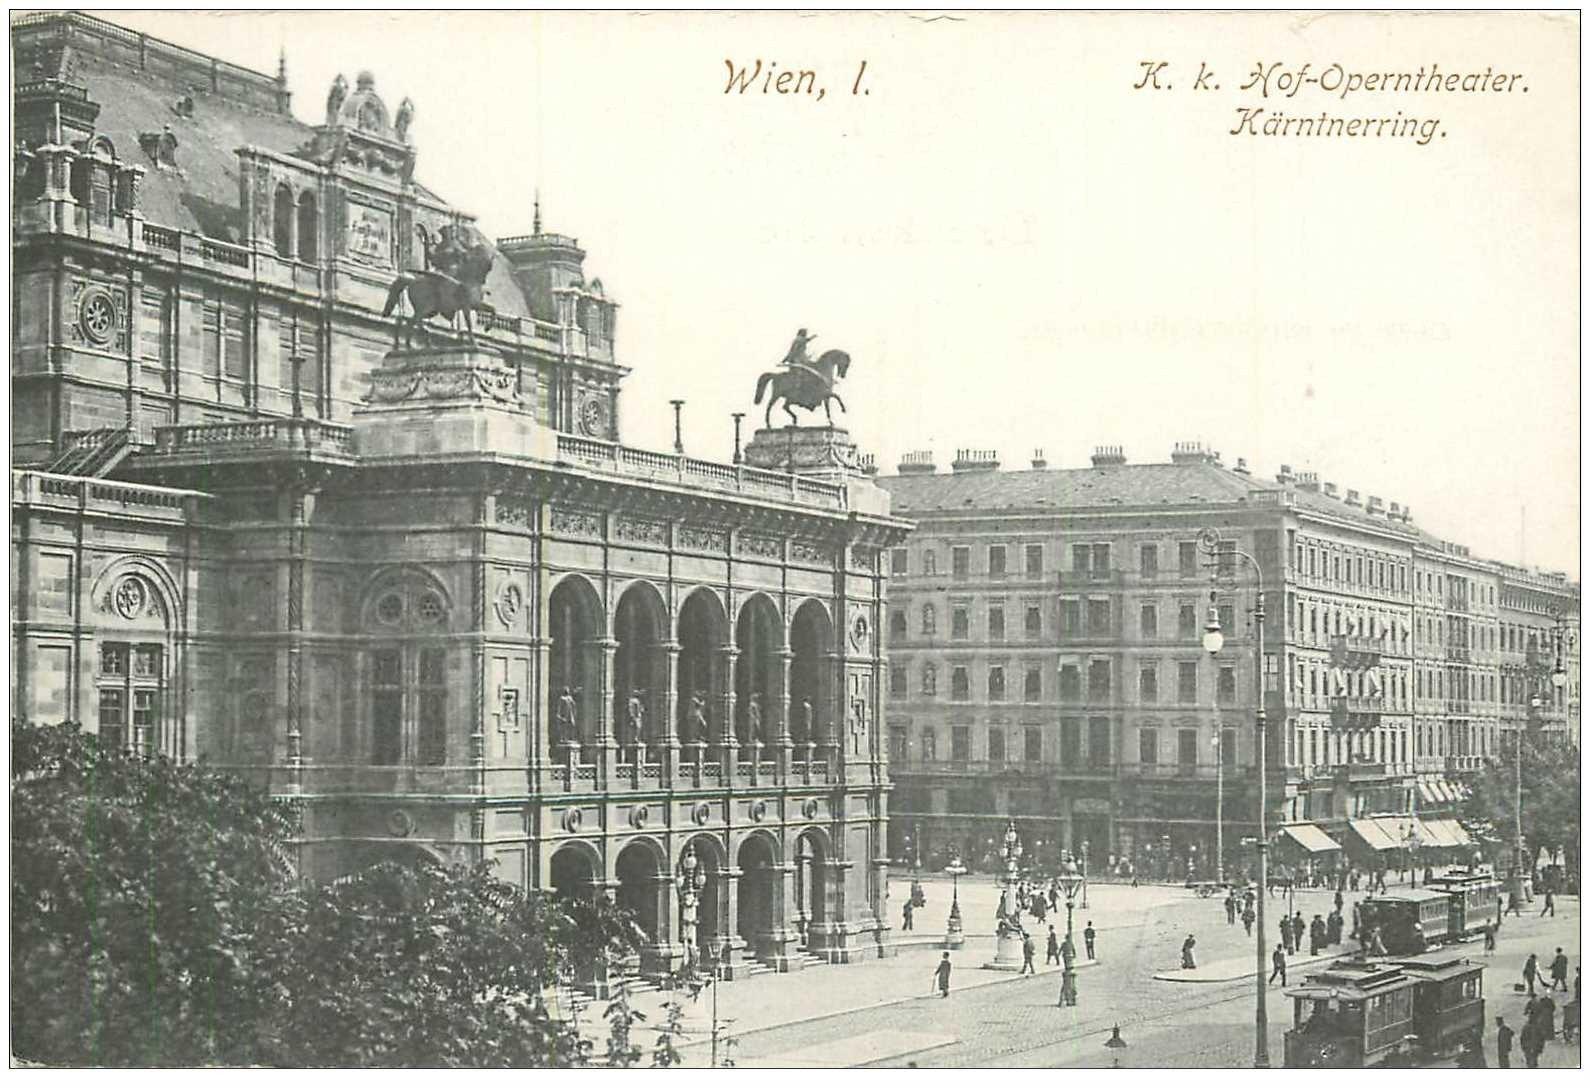 carte postale ancienne WIEN VIENNE. Hof Operntheater Kärntnerring